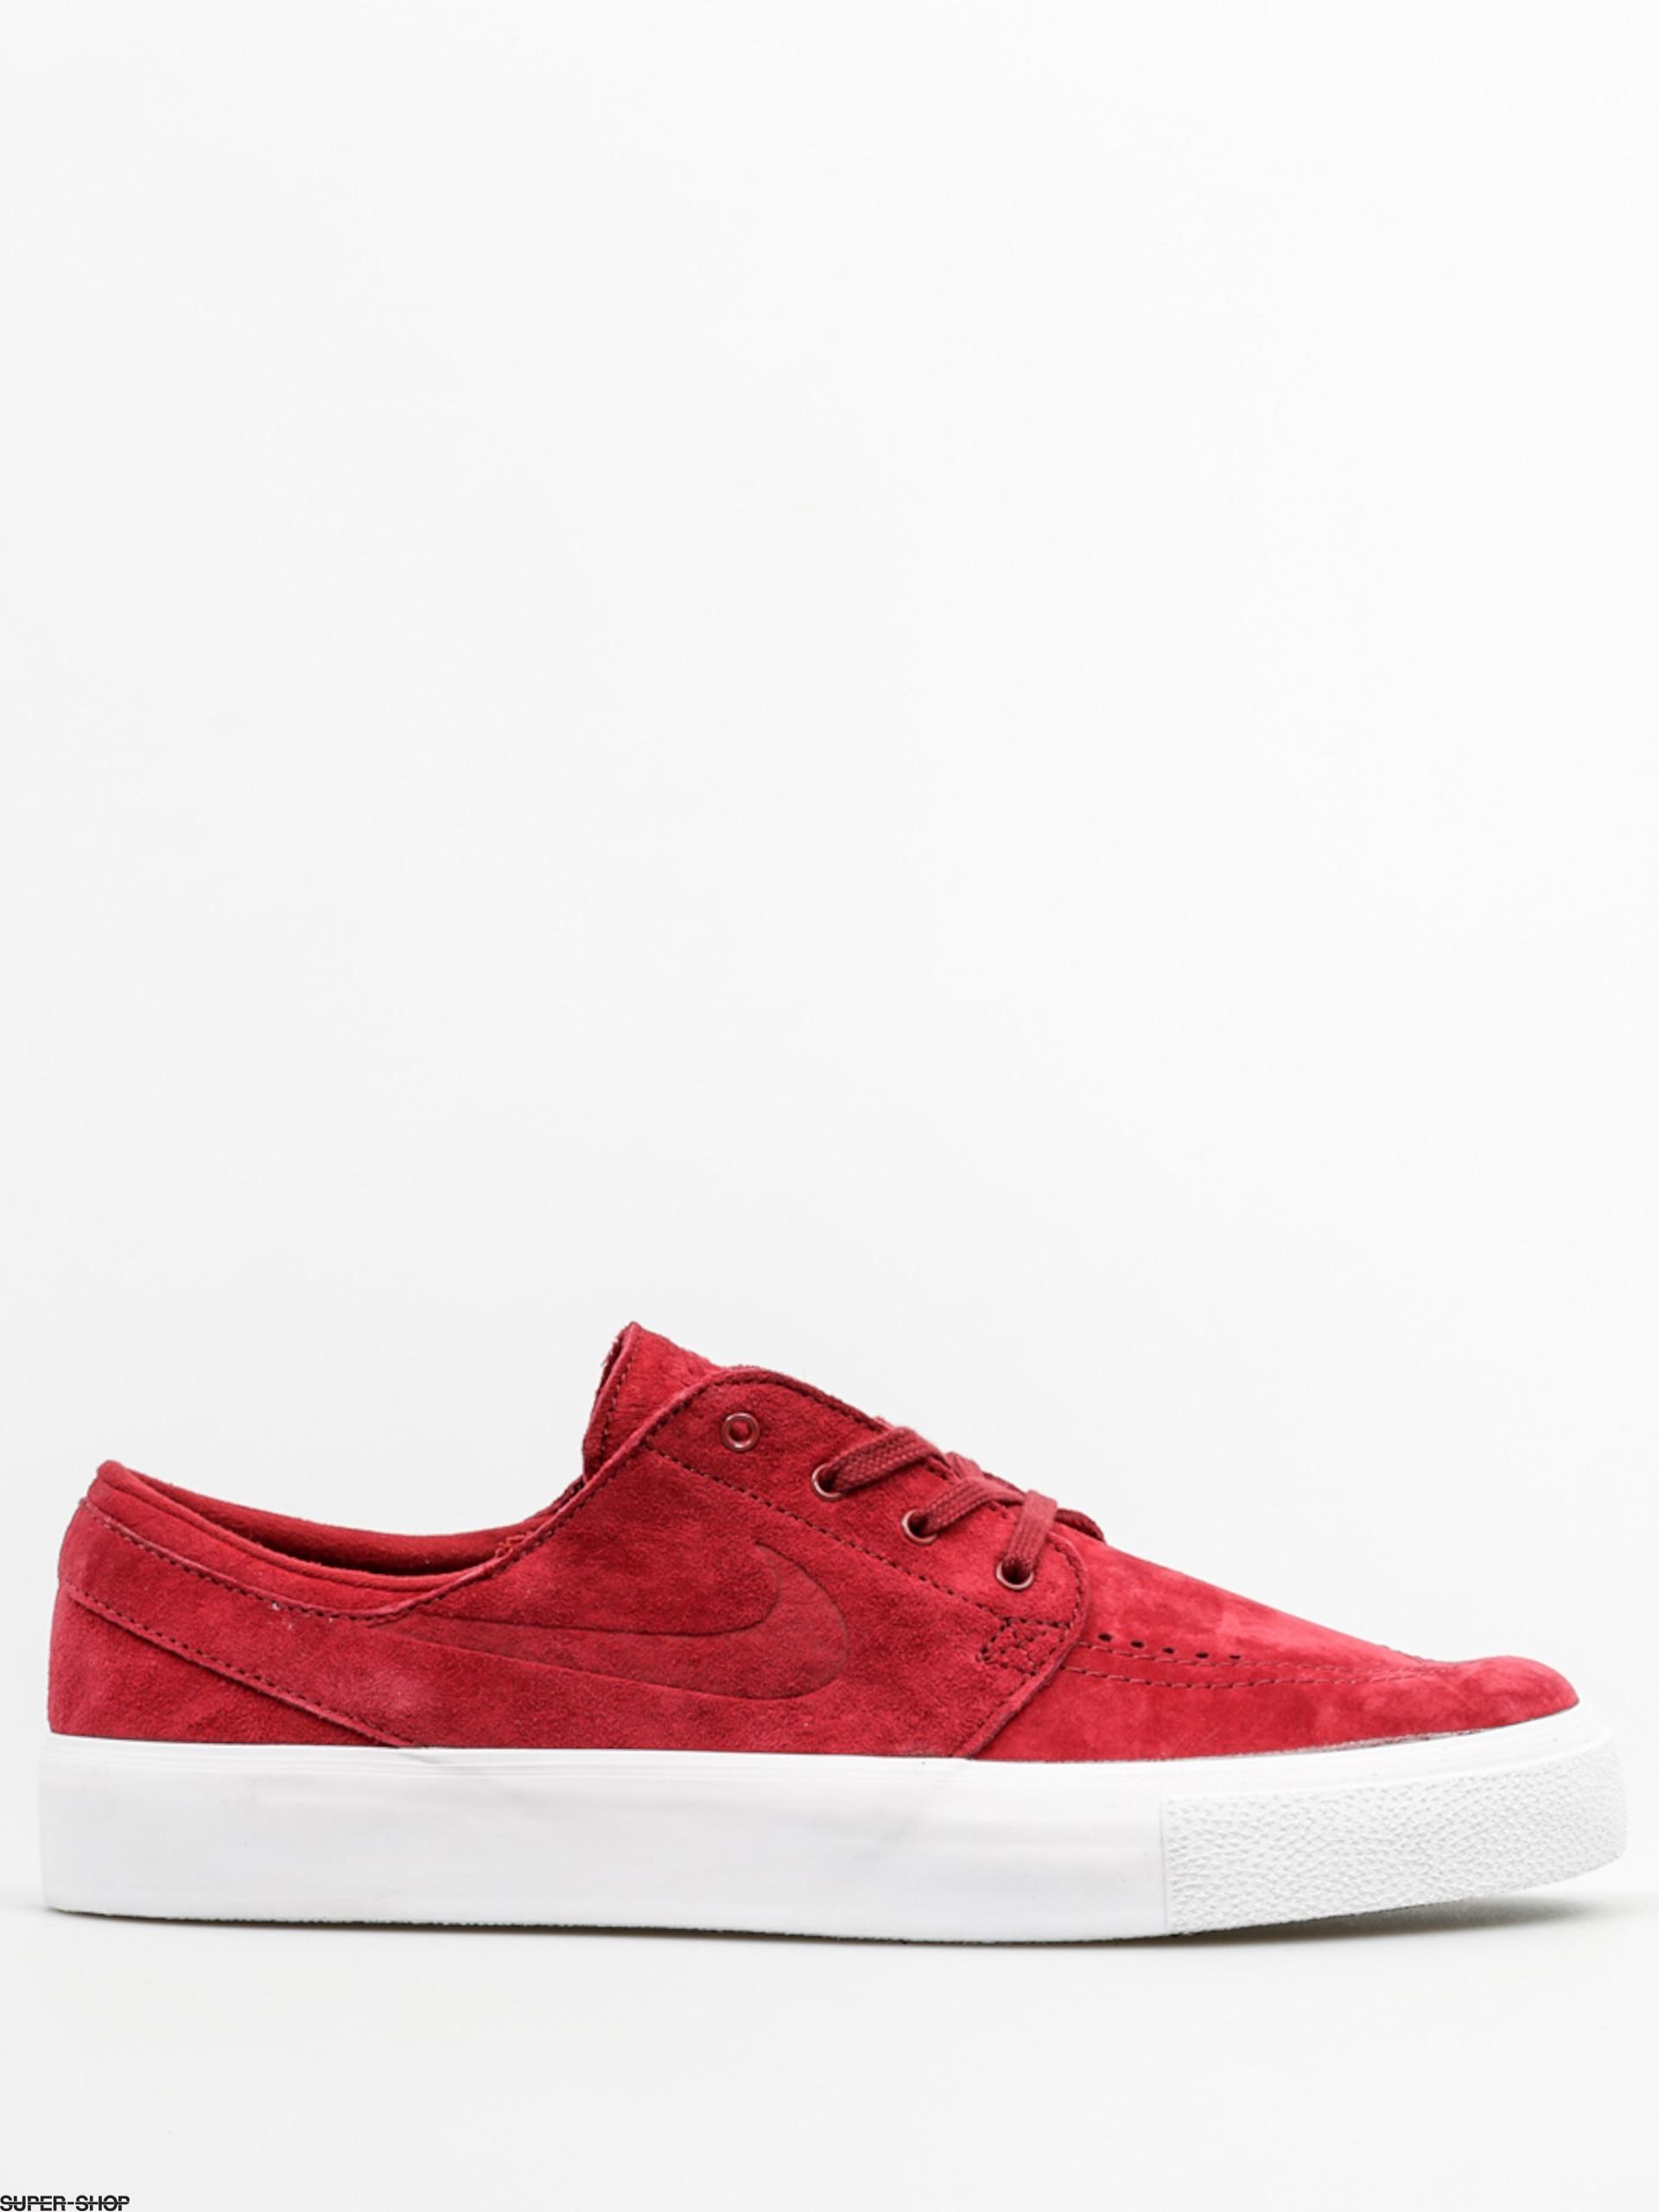 0d1976ef8fde Nike SB Shoes Zoom Stefan Janoski Prem Ht (team red team red white)